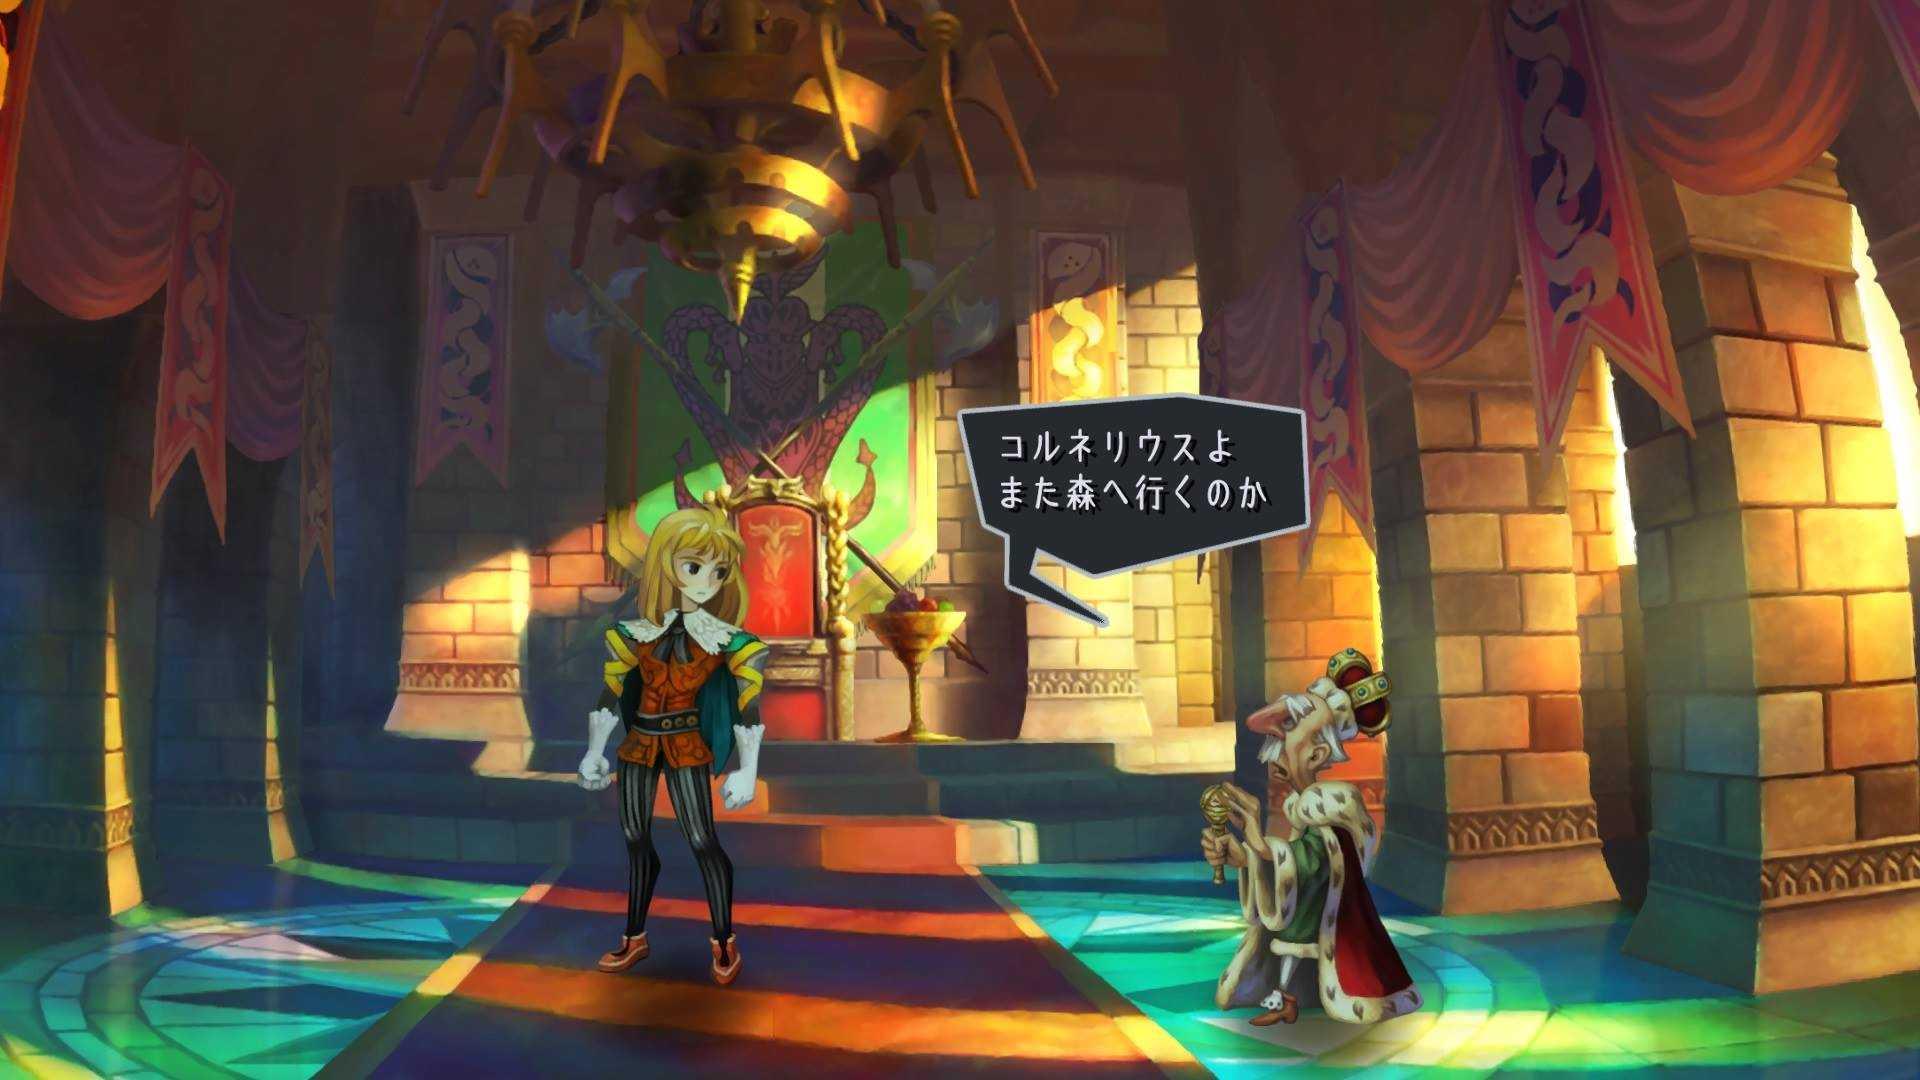 【レビュー】5人の主人公が紡ぐ戦闘とストーリーに特化した2DアクションRPG オーディンスフィア レイヴスラシル